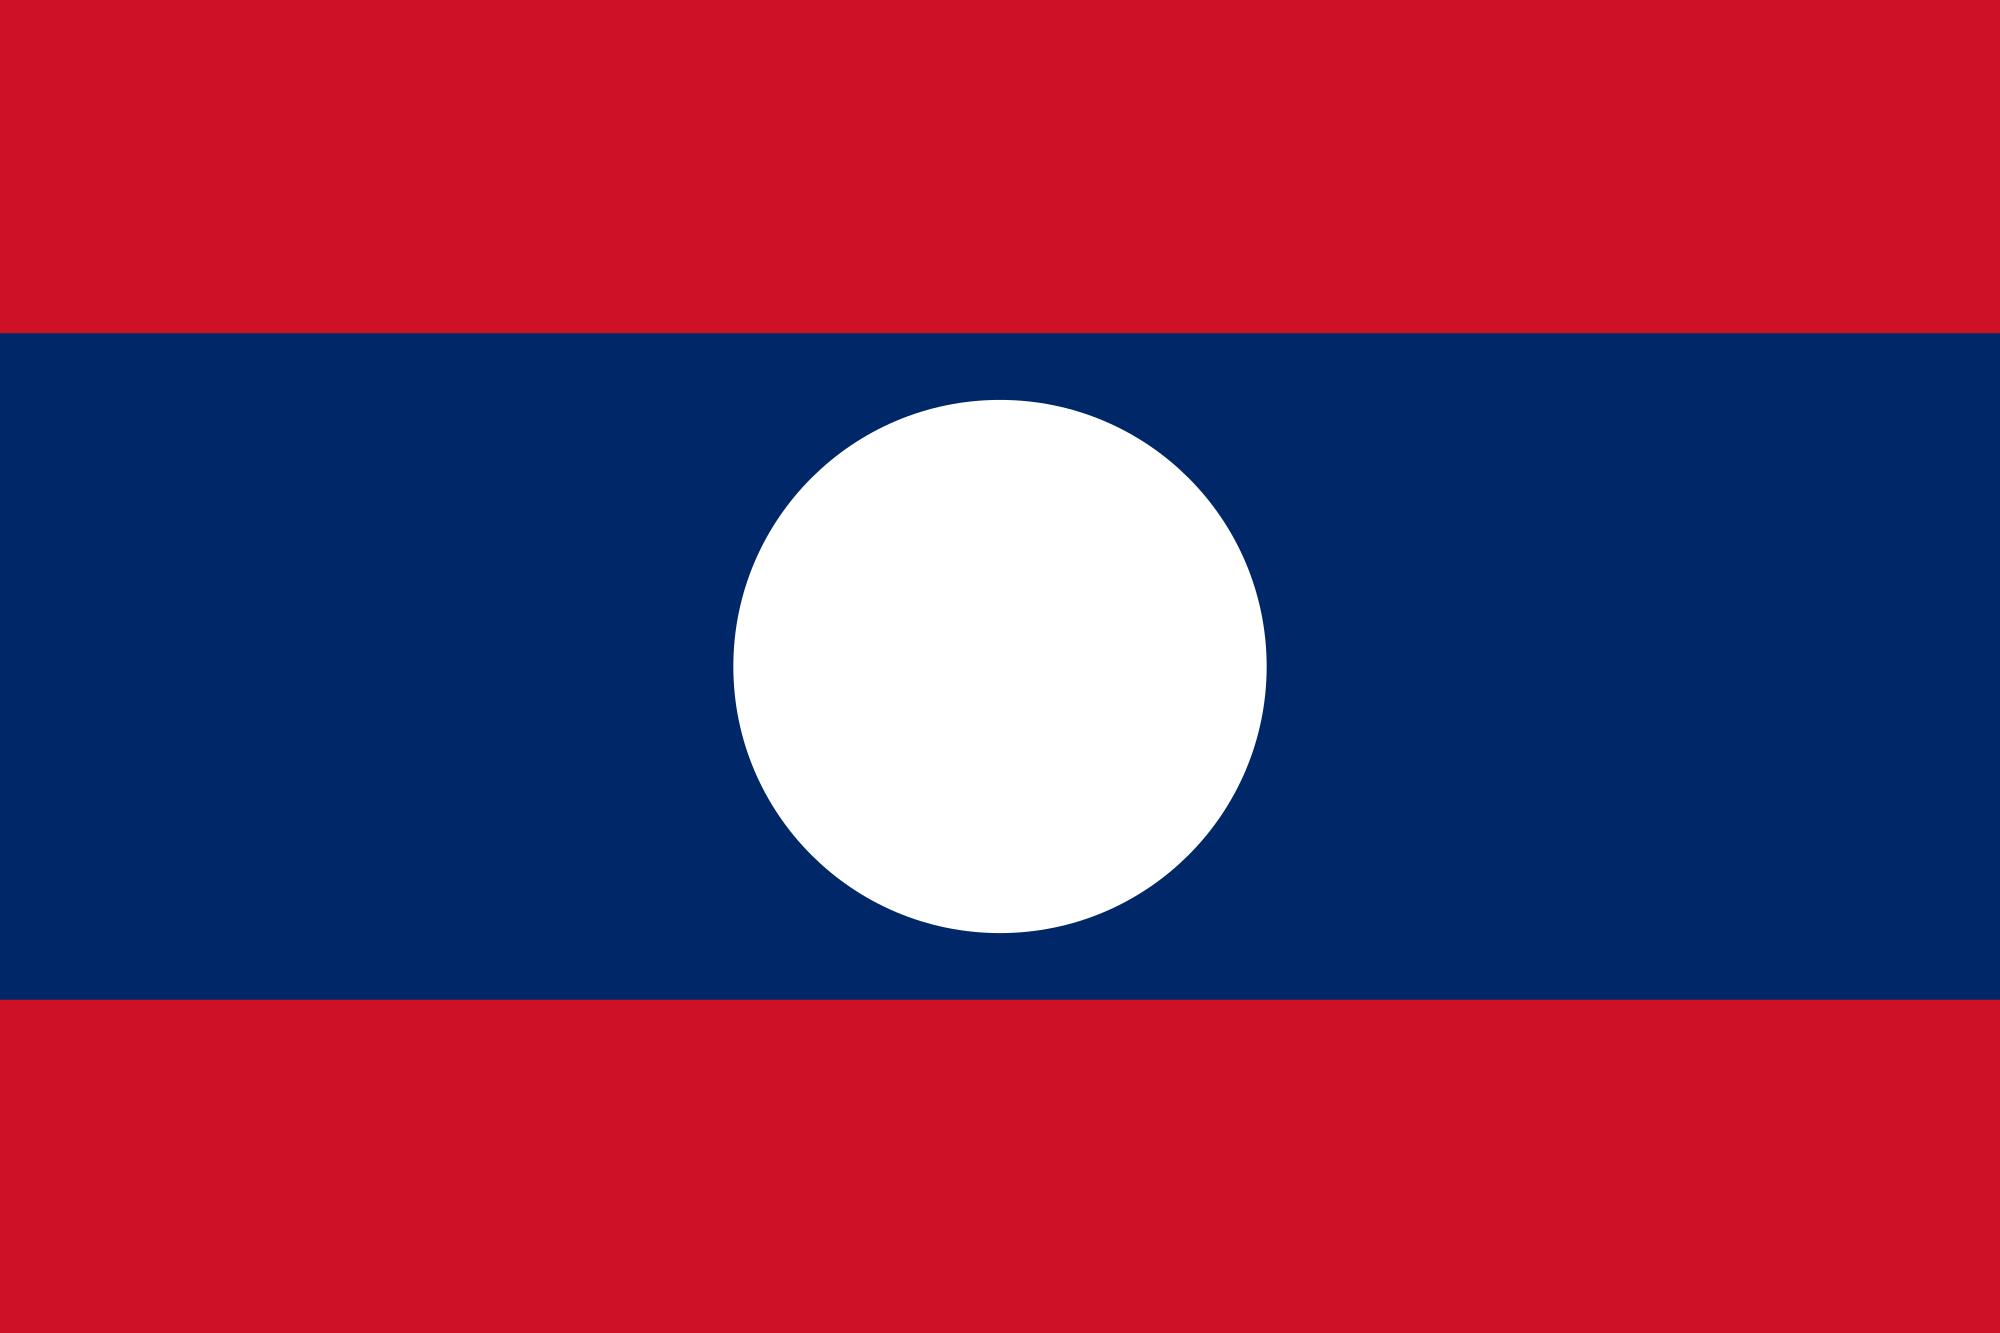 ไทยเปิดเผยรายละเอียดสัญญาโครงการก่อสร้างสะพานมิตรภาพไทย-สปป.ลาว แห่งที่ 5